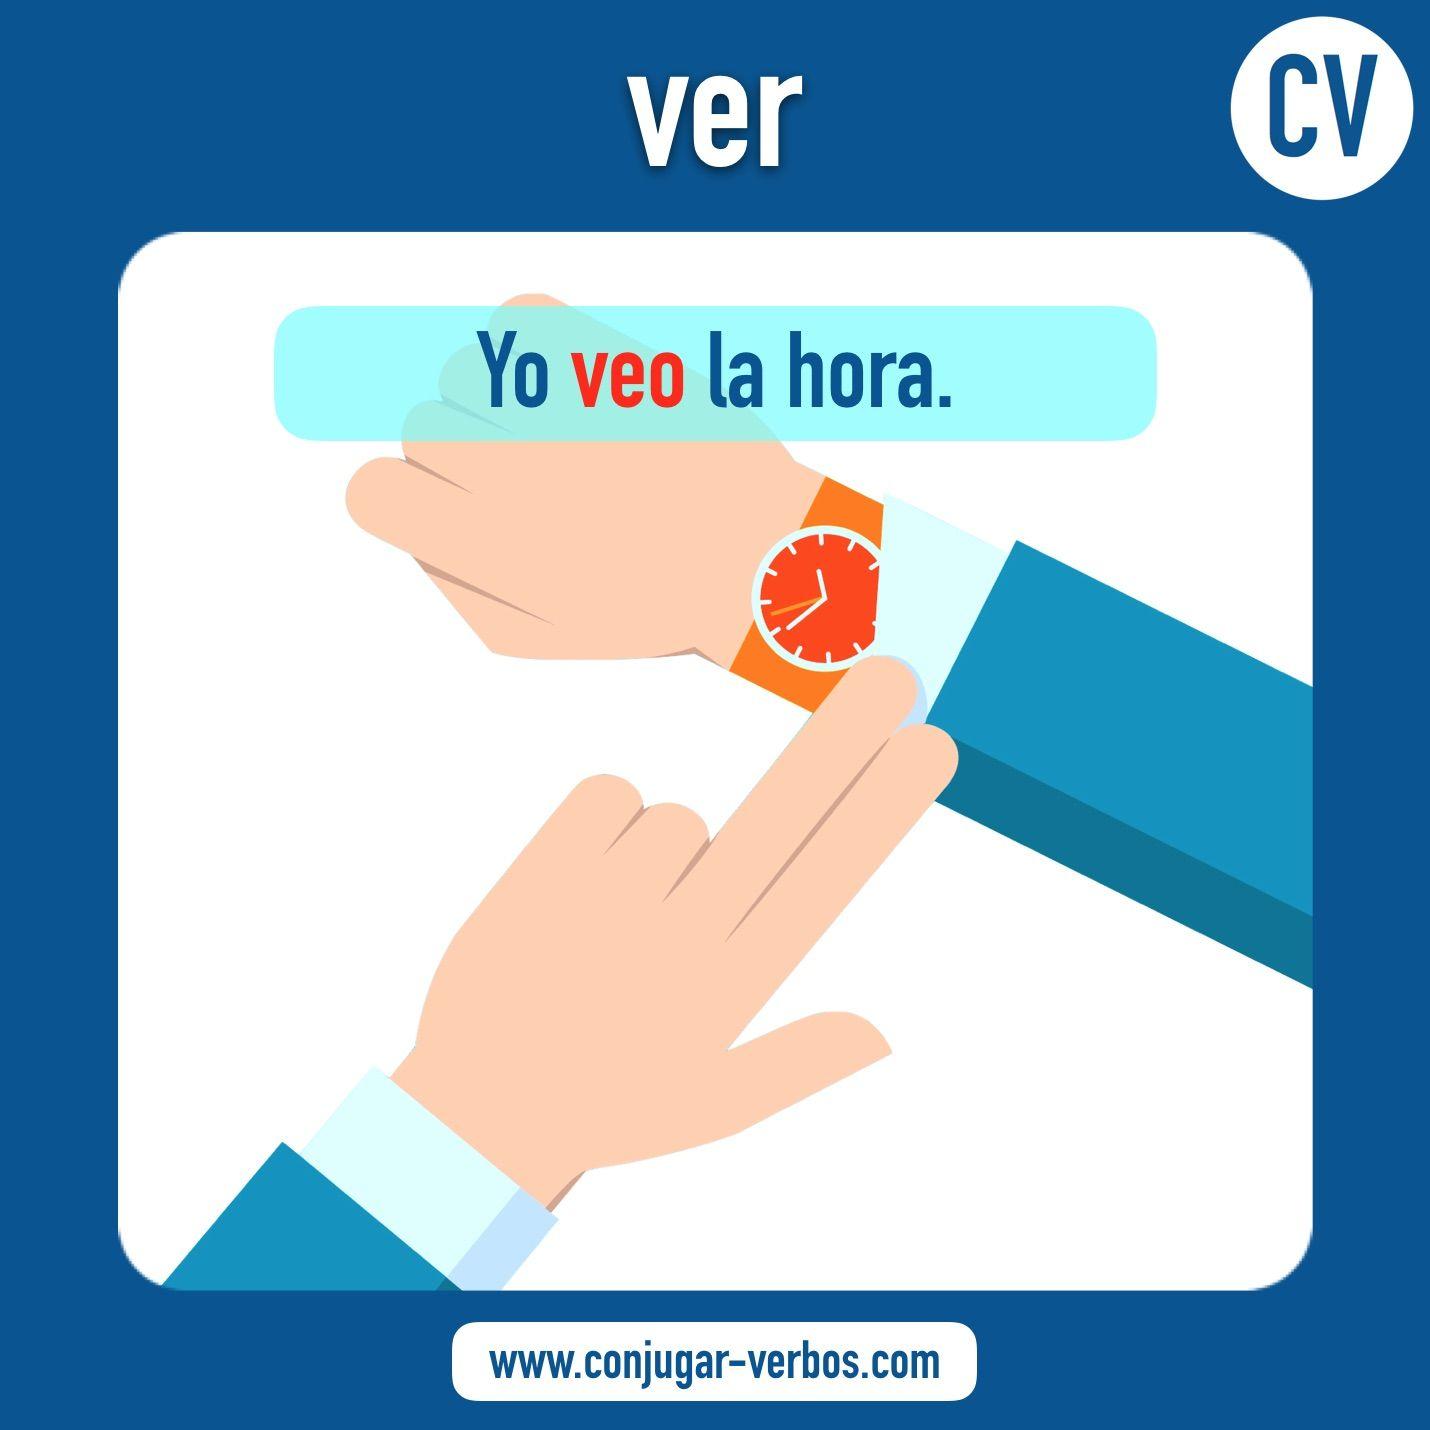 Verbo VER | Verbos, Conjugación del verbo, Aprender español